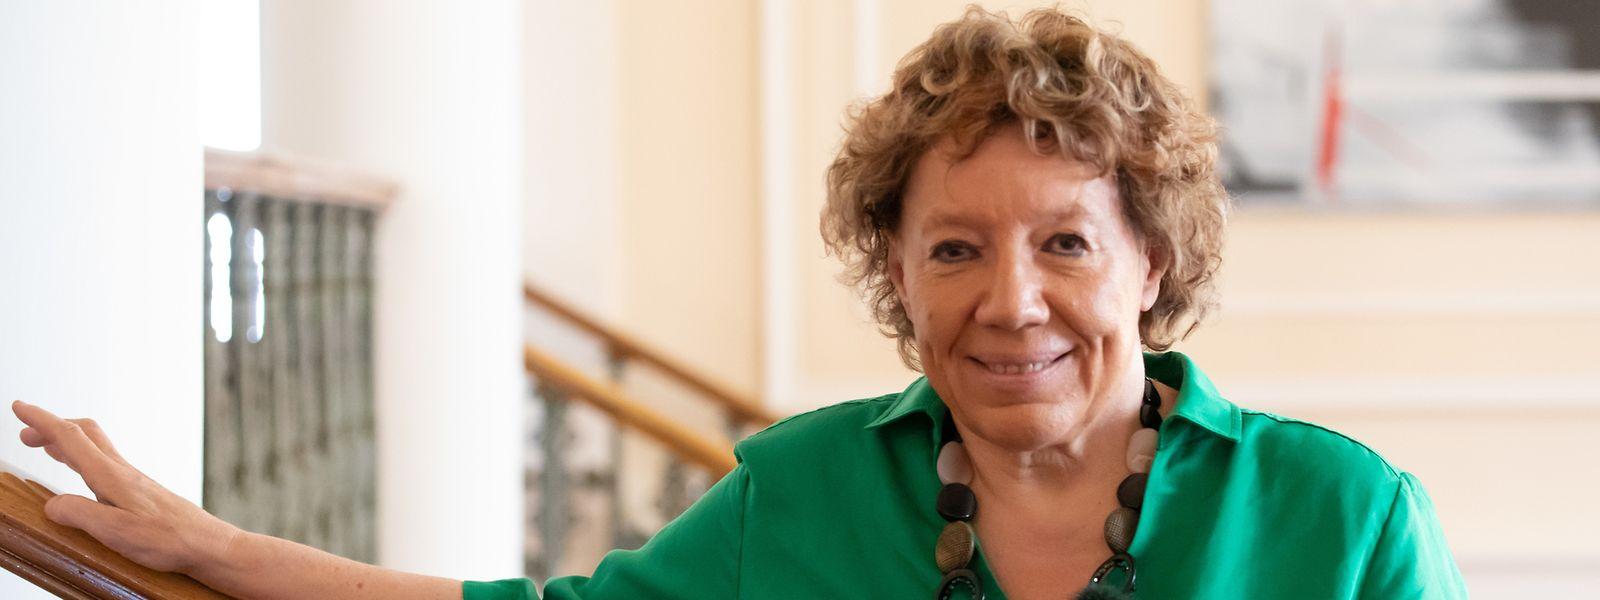 Colette Mart (DP), échevine à l'enseignement, souligne qu'«il n'y avait jamais eu une telle agressivité» autour des questions scolaires.